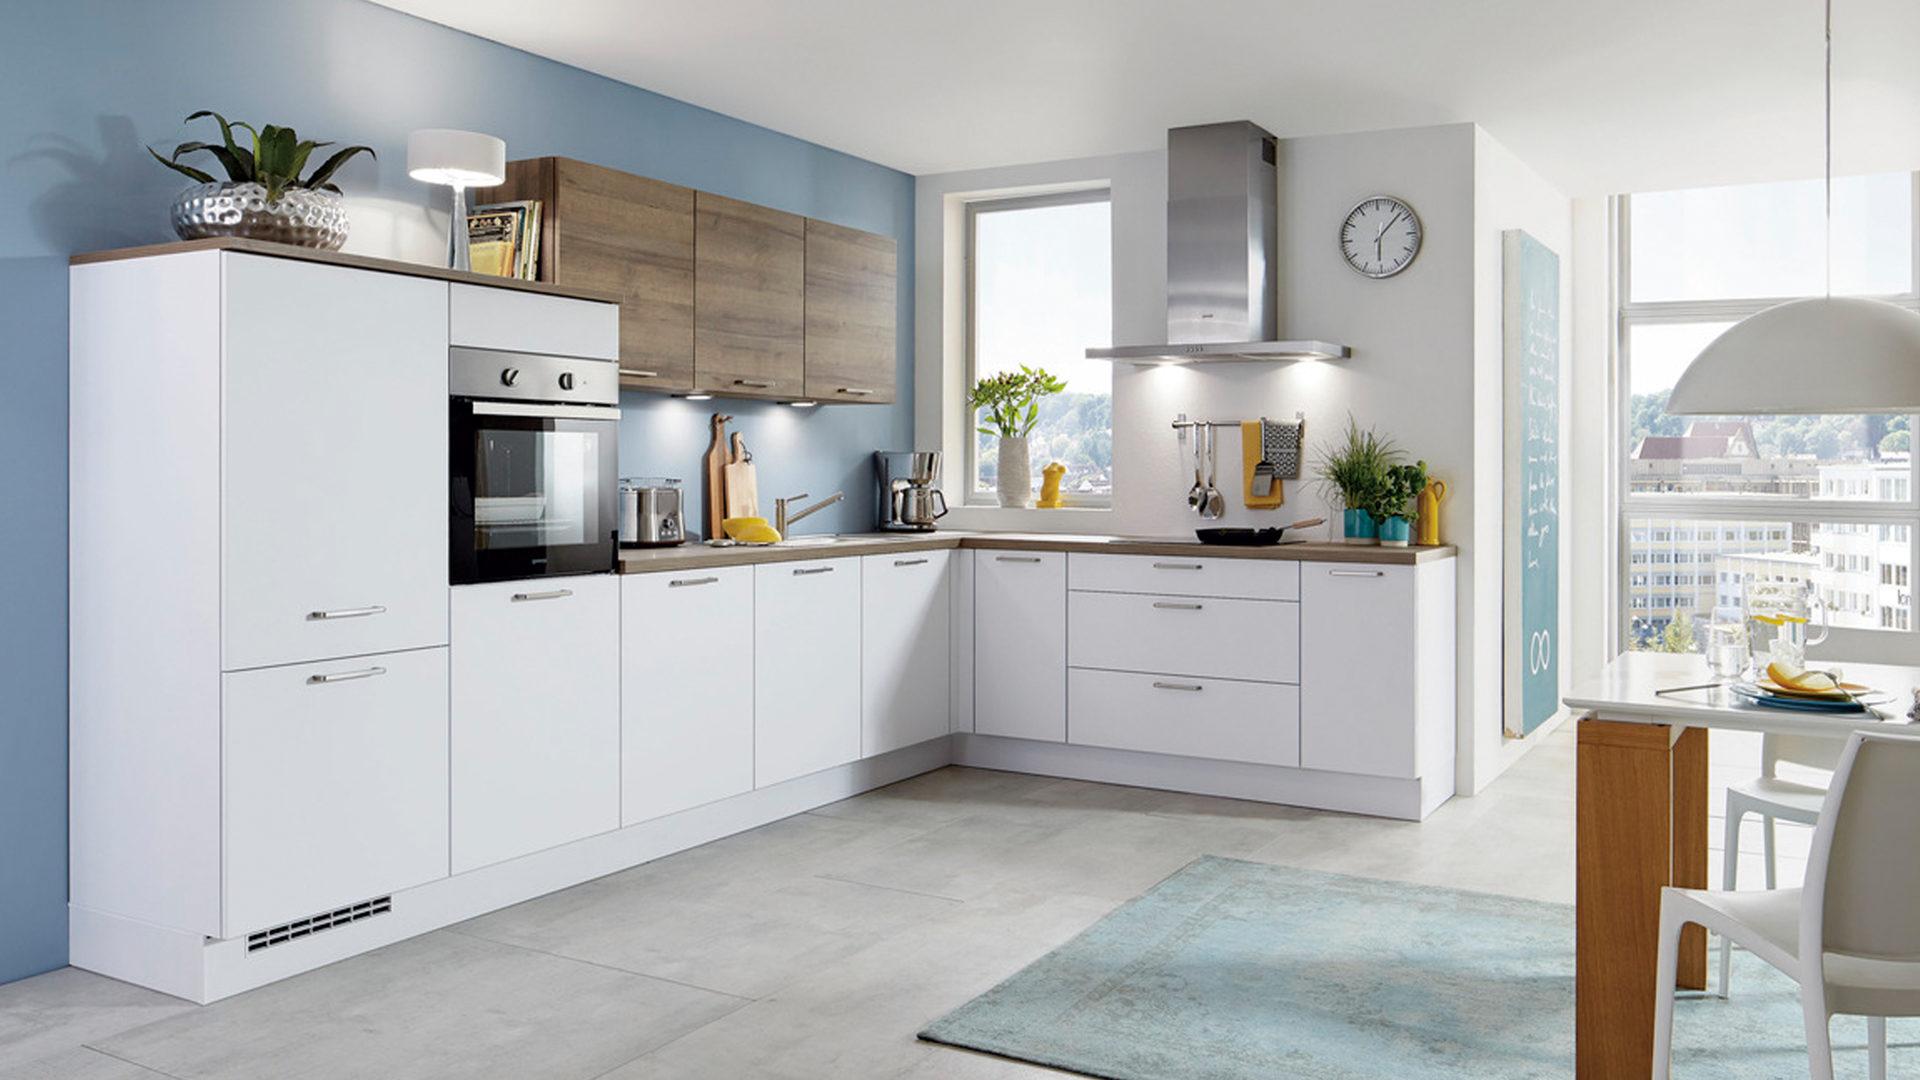 Möbel Busch , Räume, Küche, Einbauküche, Einbauküche, Einbauküche ...